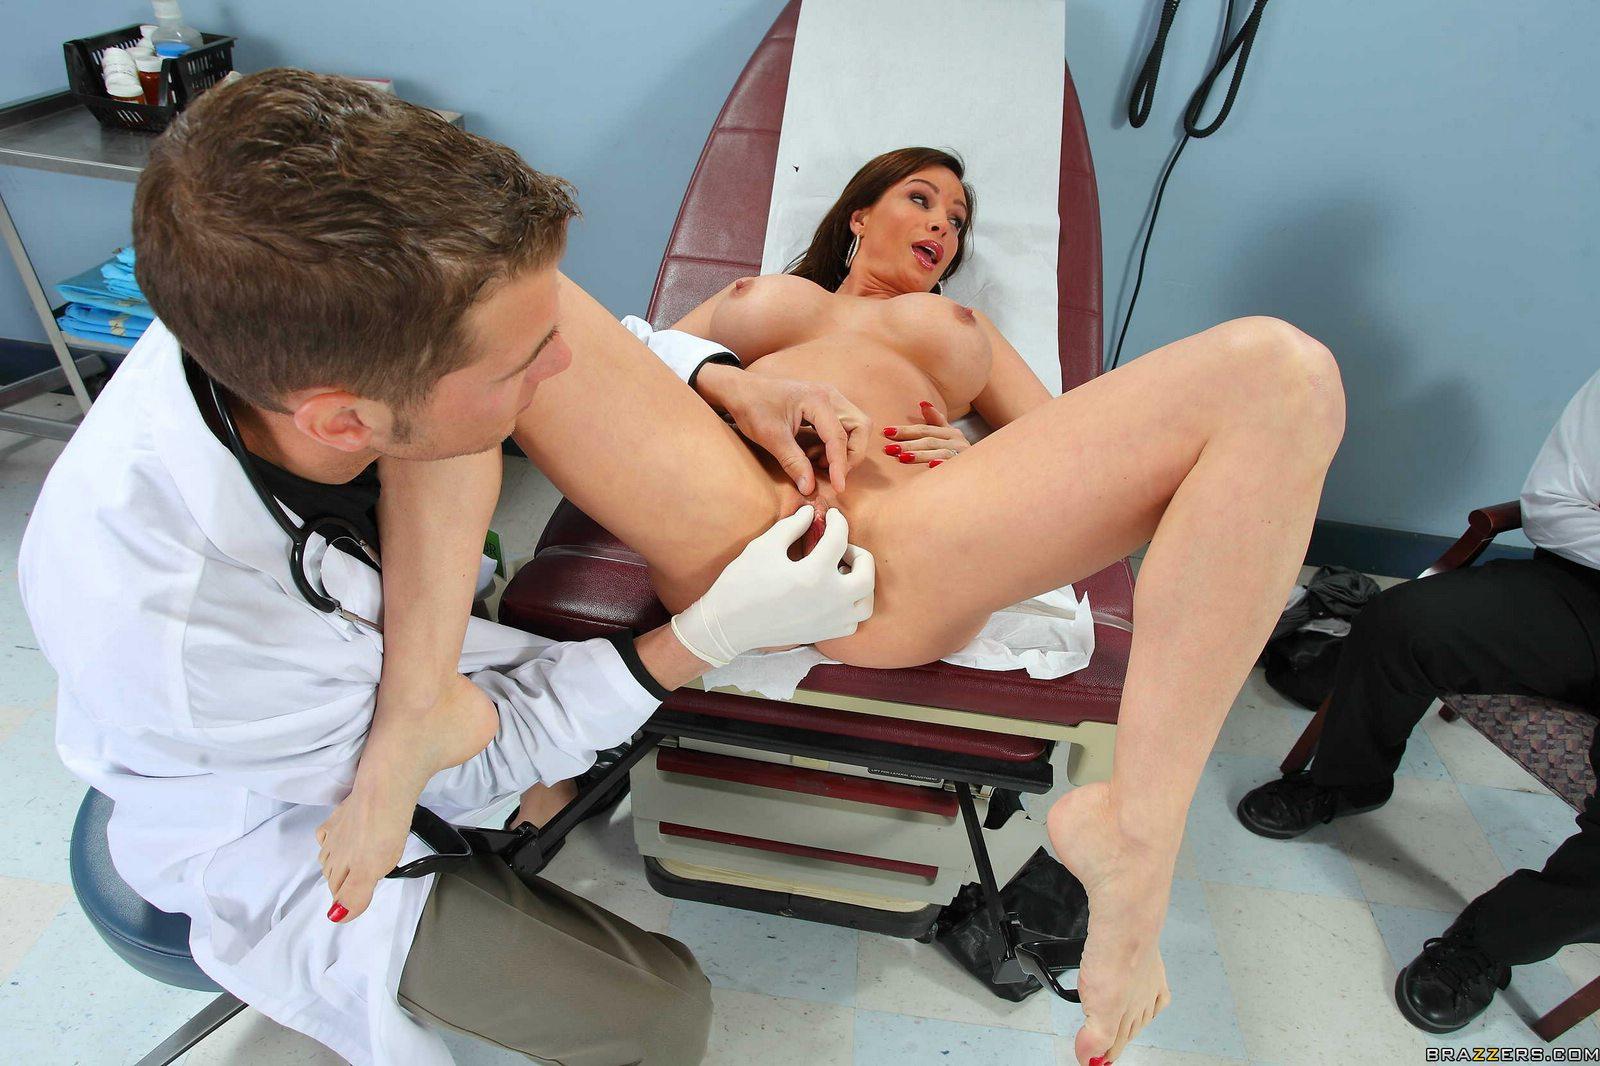 Секс кабинете врача, в кабинете у врача: порно видео онлайн, смотреть порно 1 фотография